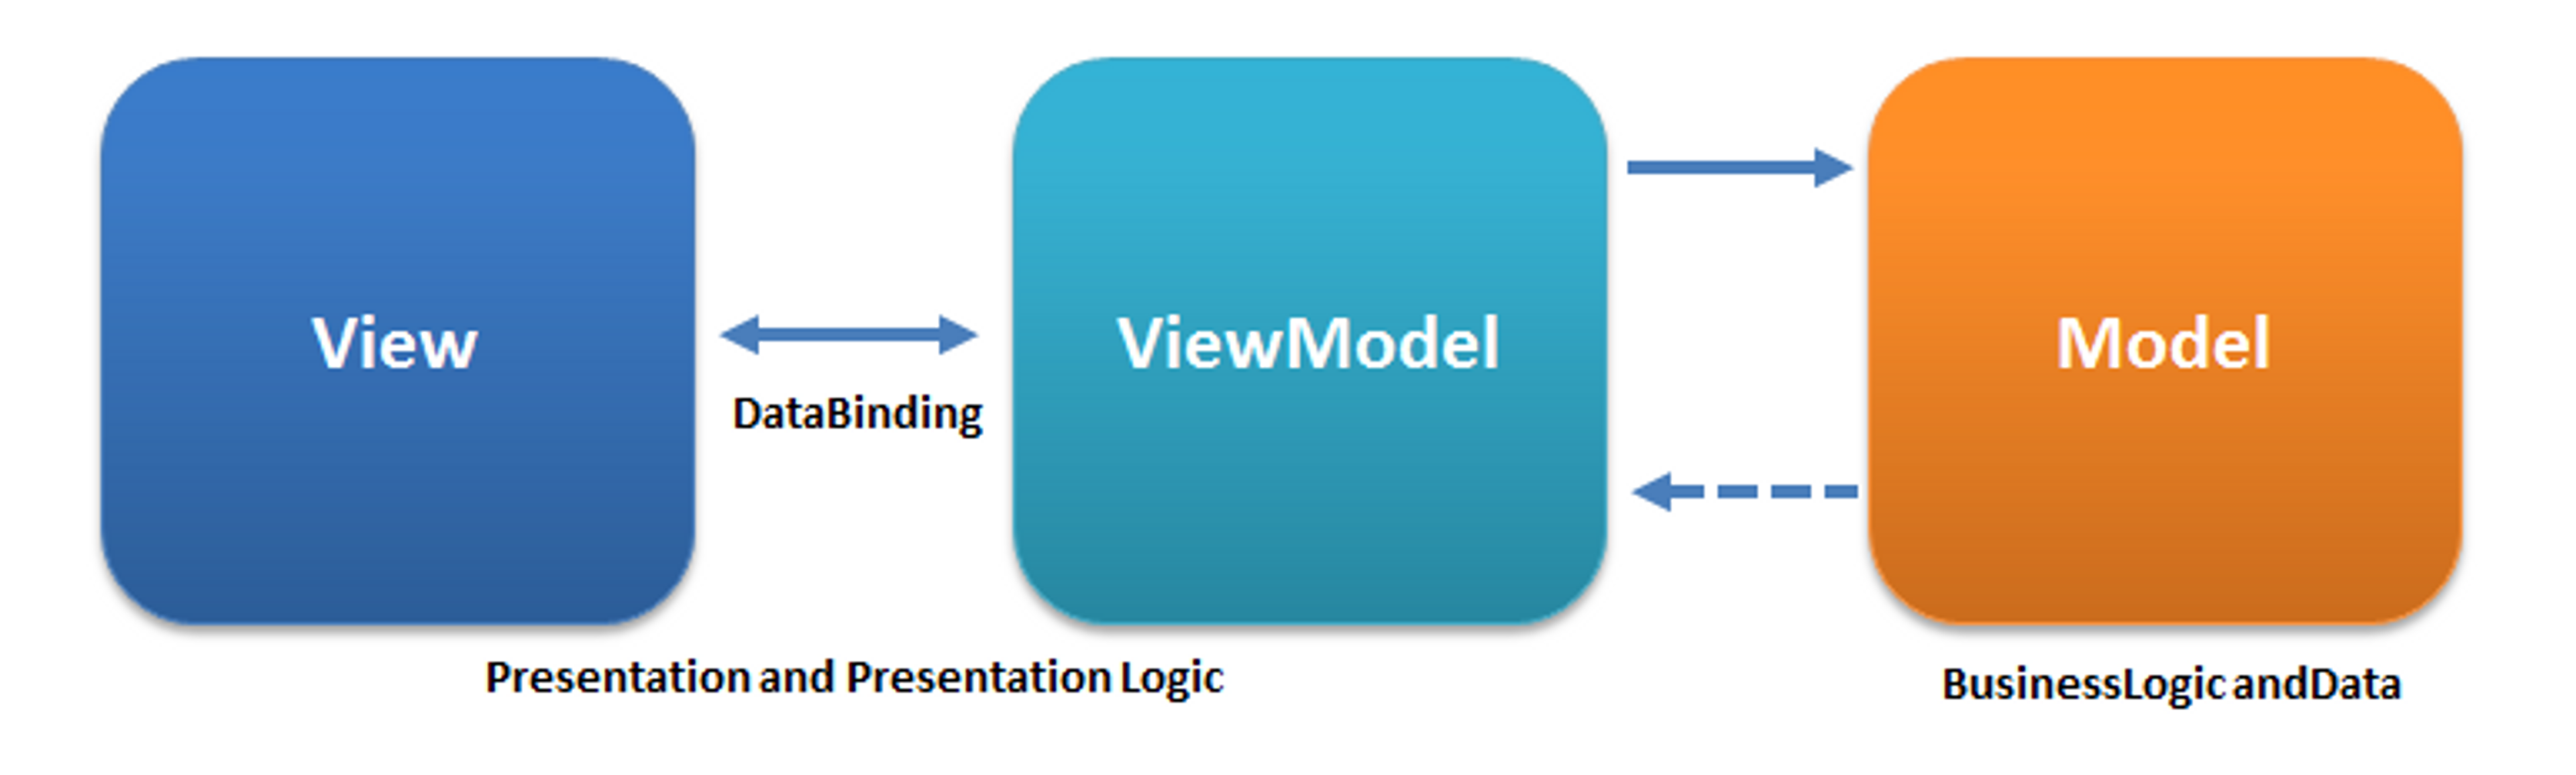 Le MVVM se distingue du MVC par la couche viewModel qui fait de la liaison de données bidirectionnelle.